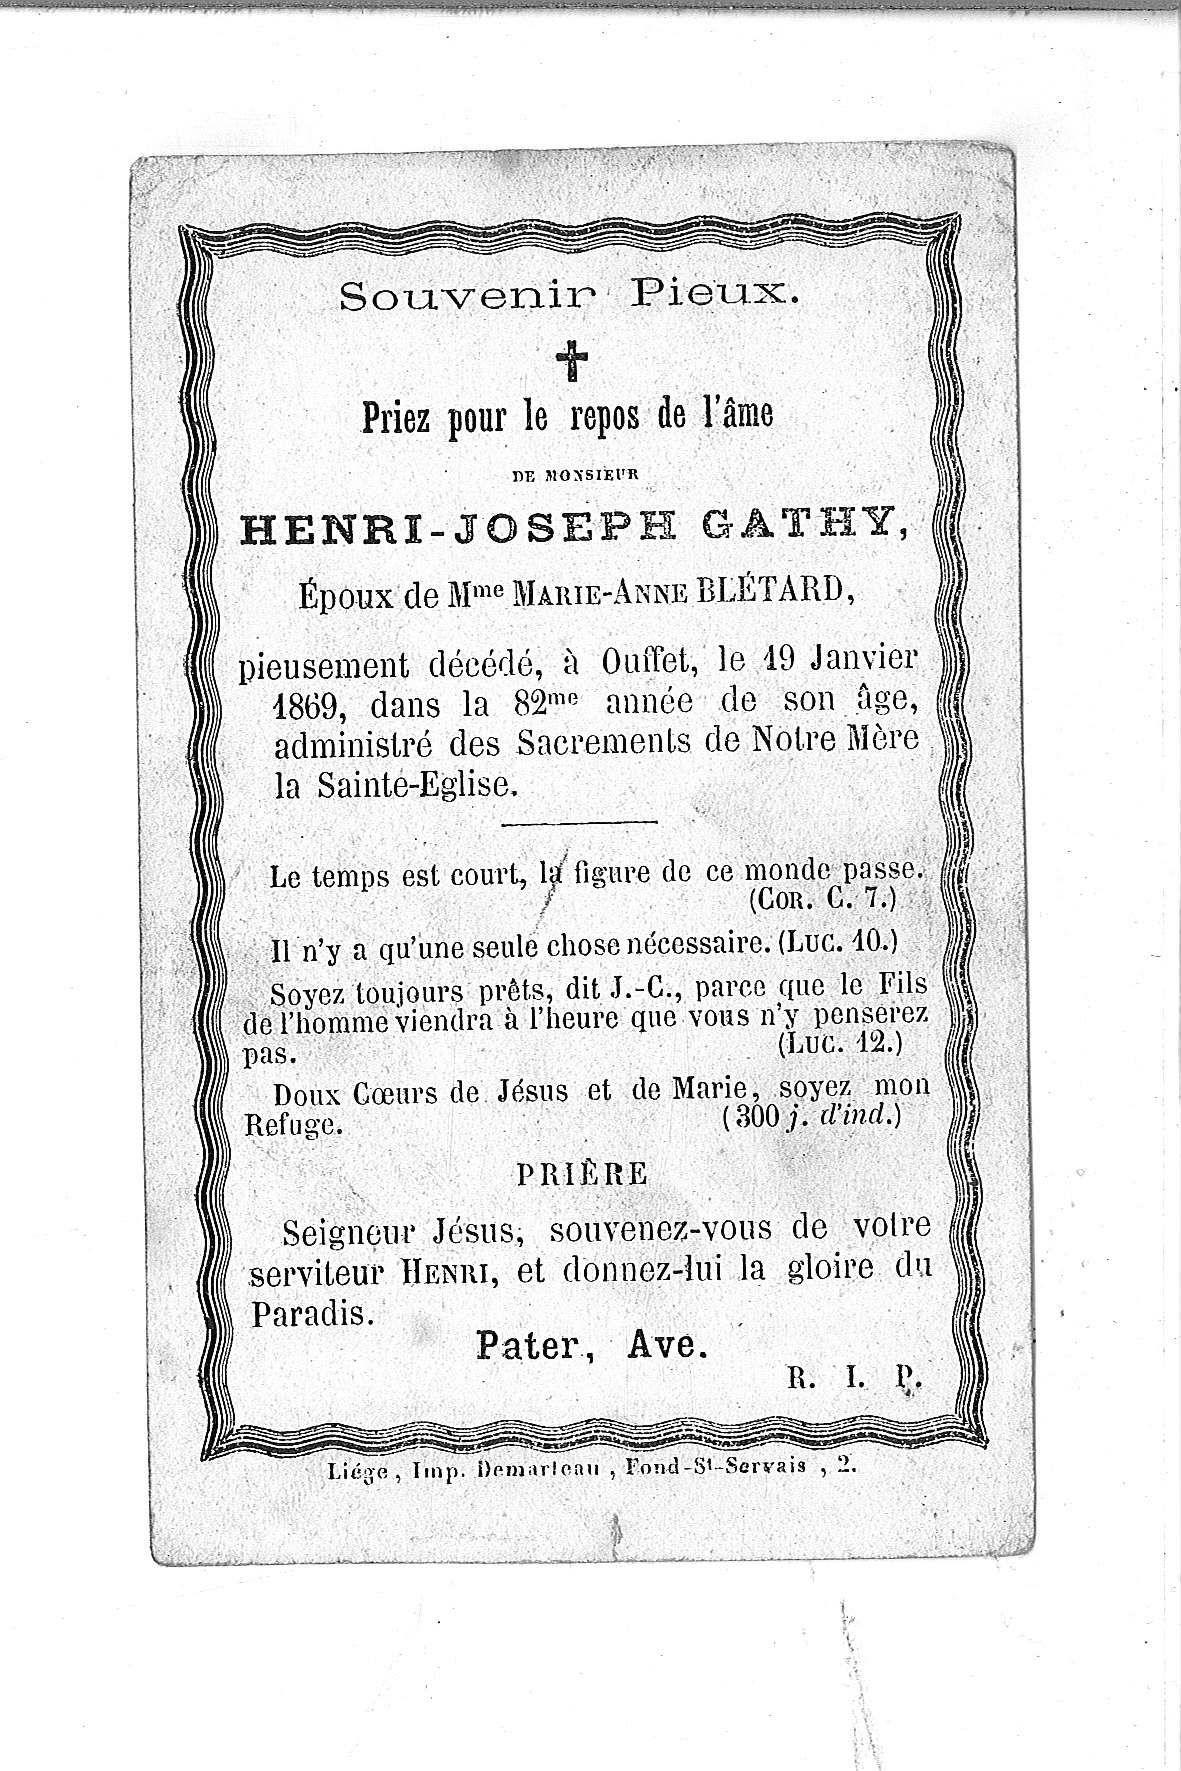 Henri-Joseph(1869)20130507145631_00015.jpg